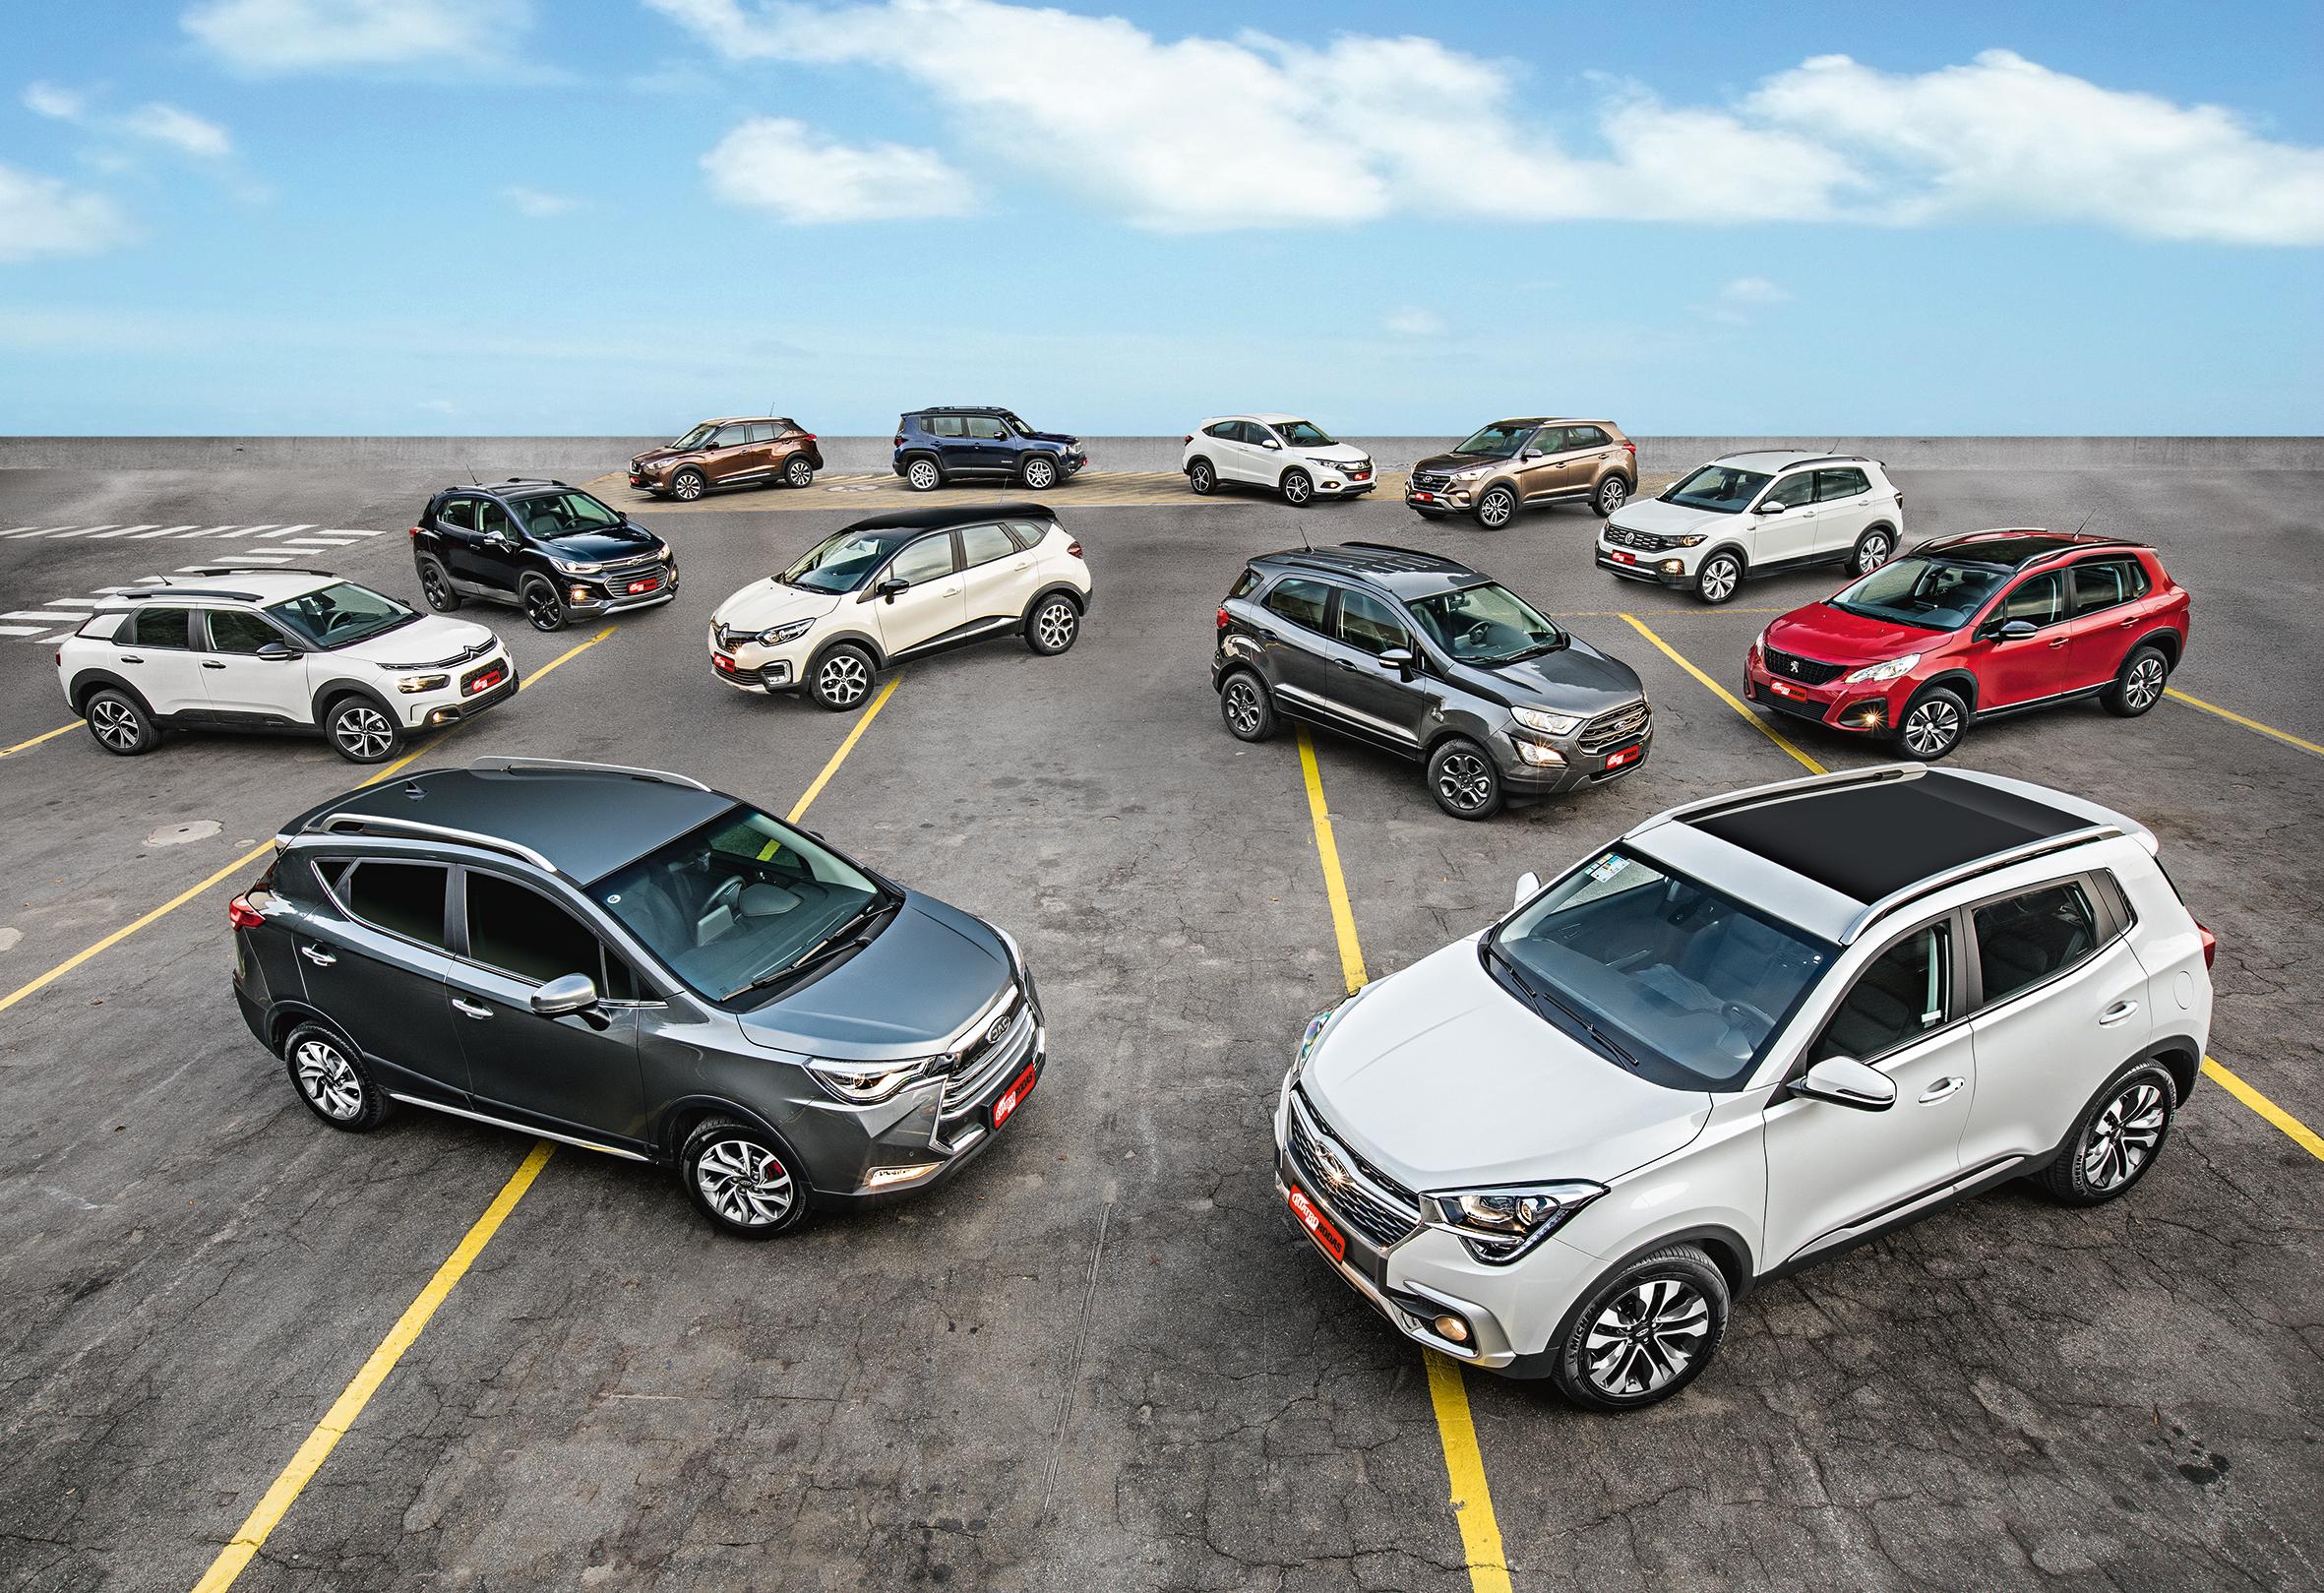 Fizemos o maior comparativo da história da Quatro Rodas, reunindo 12 SUVs